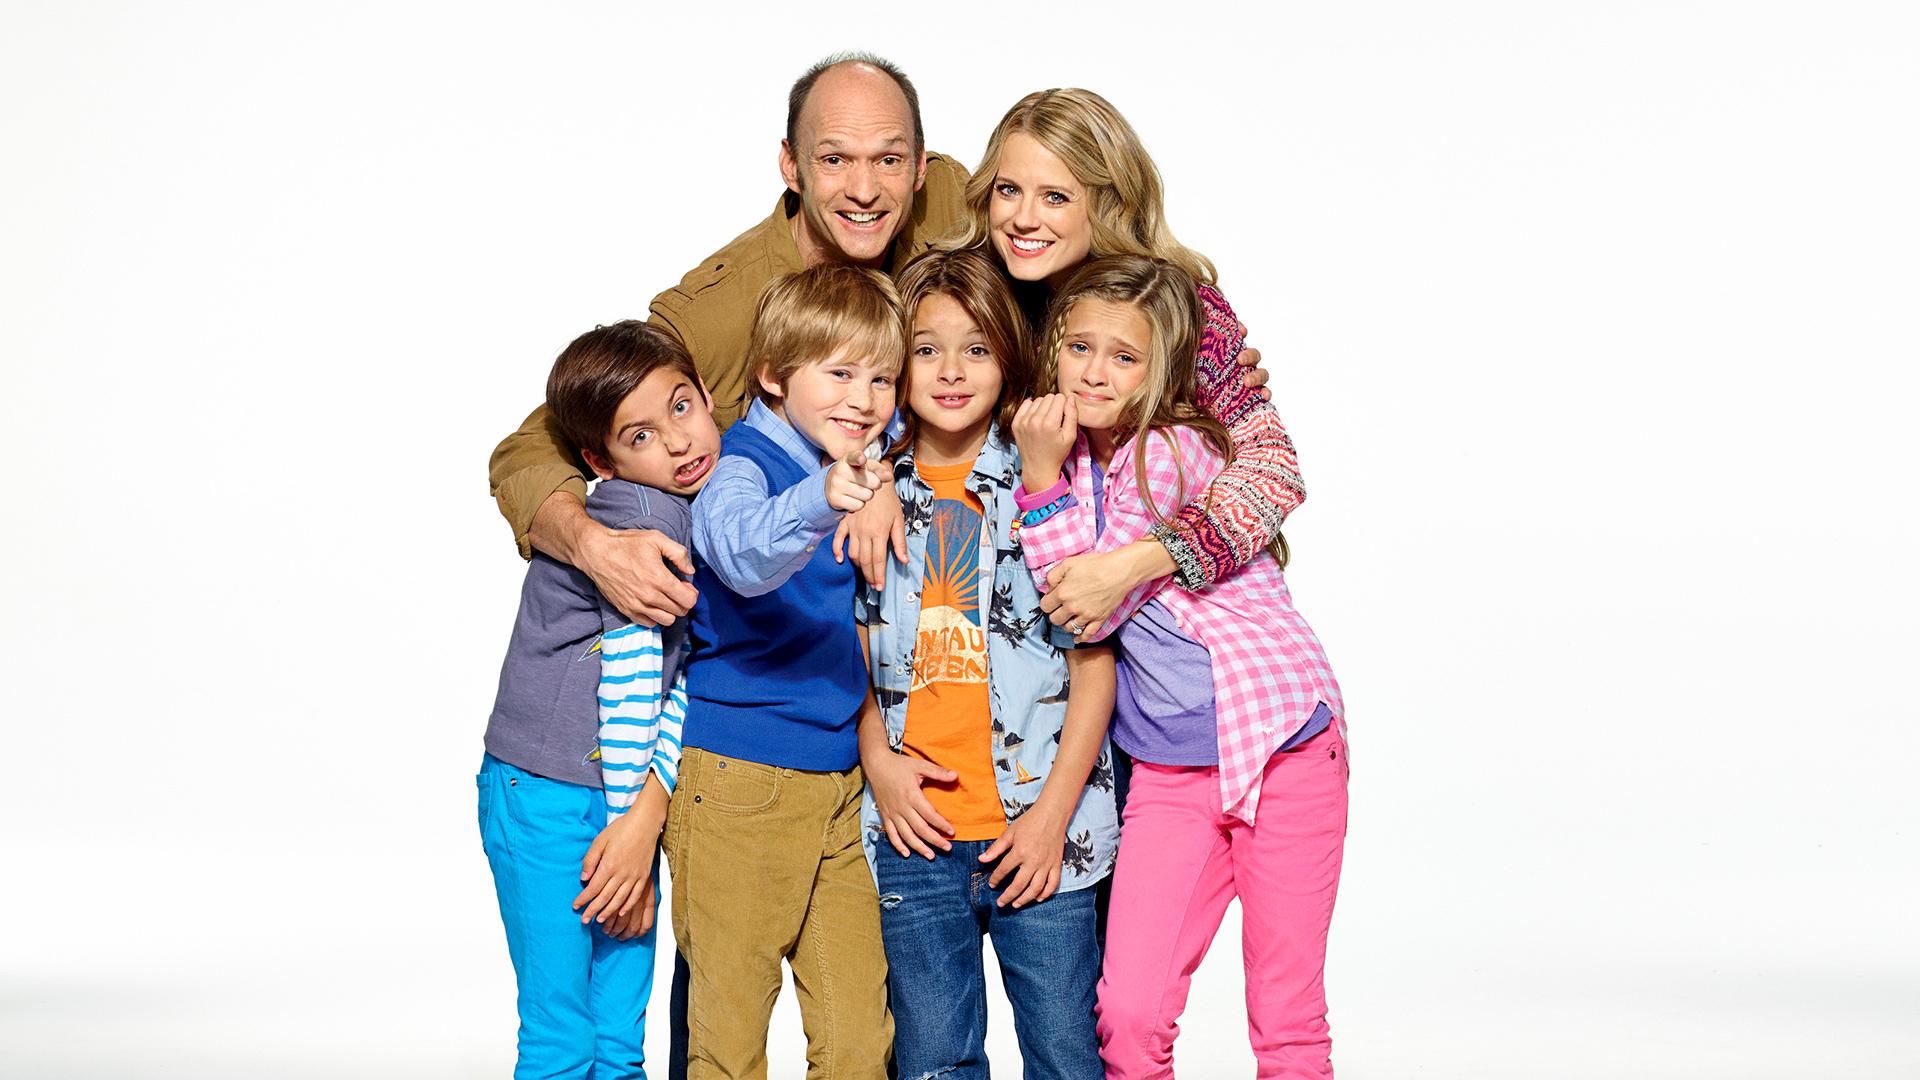 Nicky, Ricky, Dicky & Dawn (TV Series 2014 - 2018)